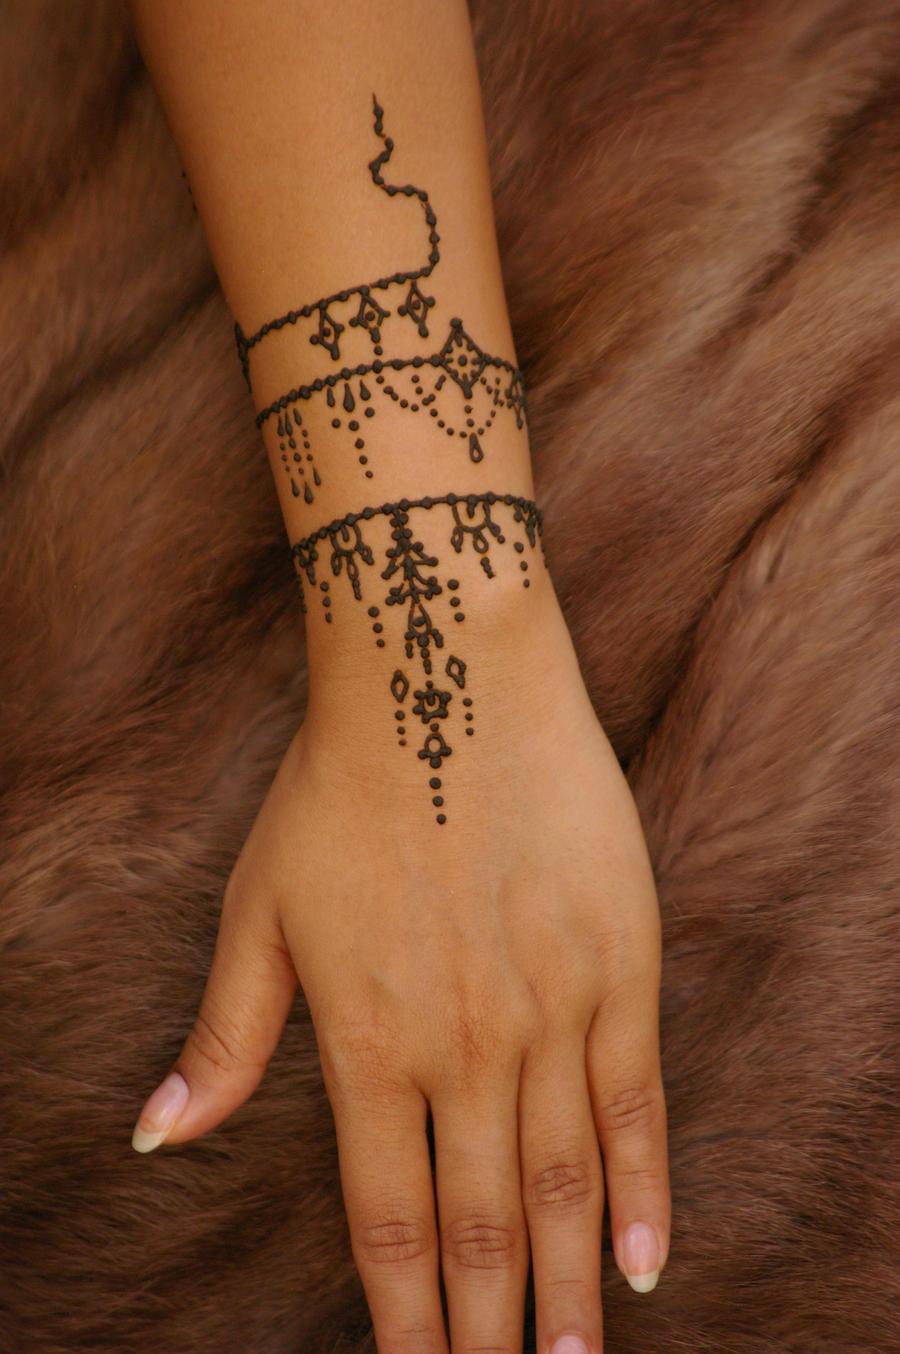 antique jewelry inspired henna tattoo hand by emeraldserpenthenna on deviantart. Black Bedroom Furniture Sets. Home Design Ideas